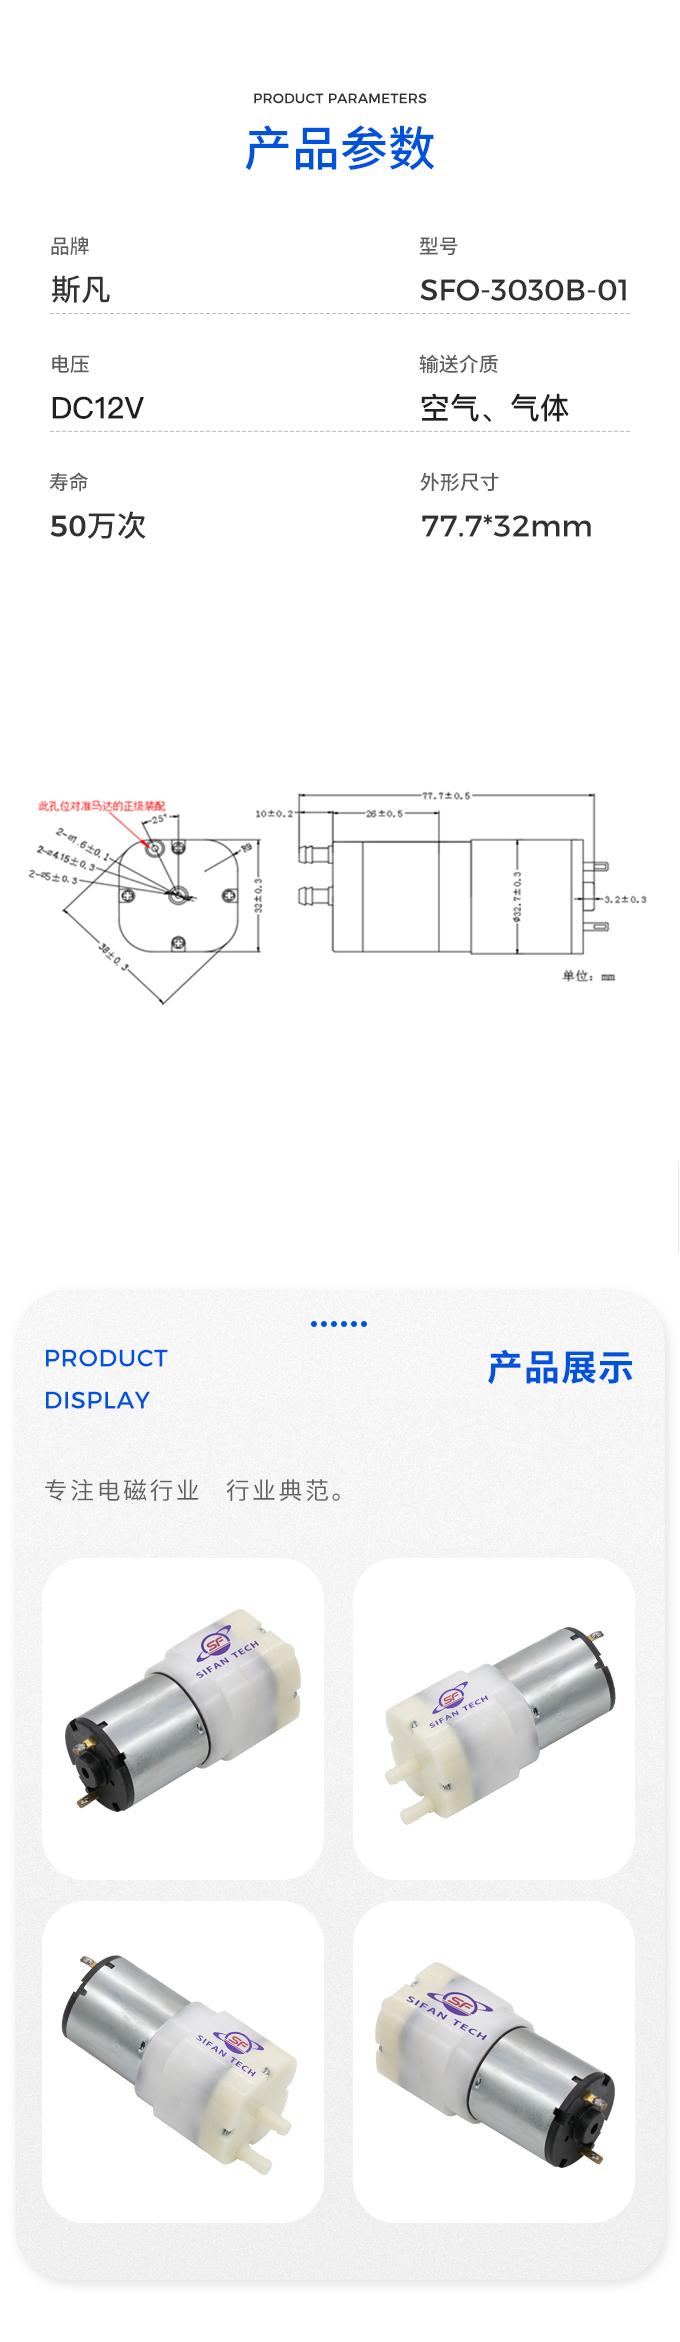 SFO-3030B-01.jpg